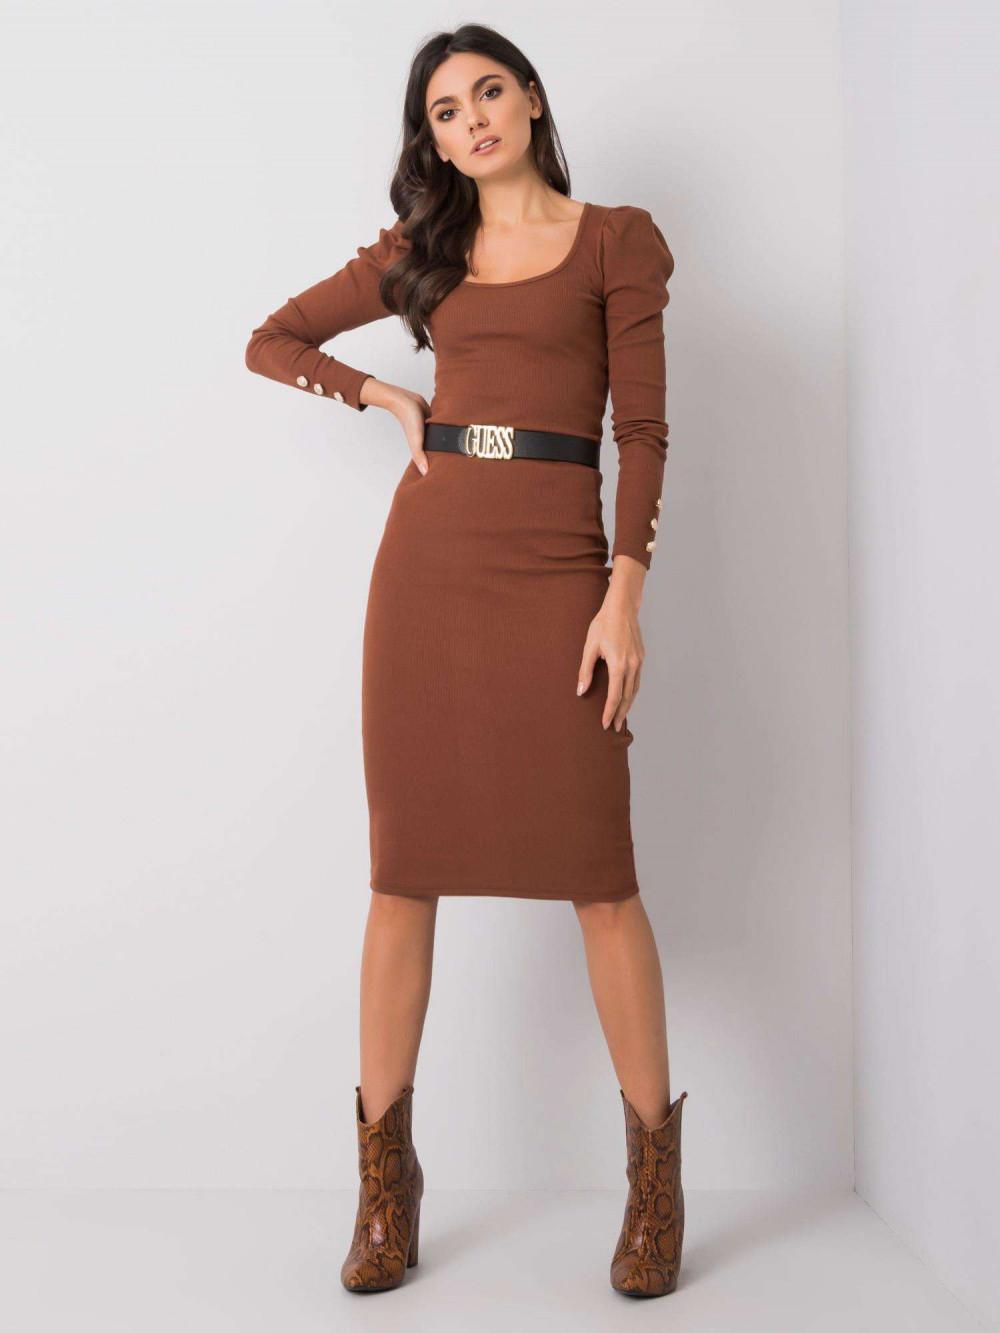 Brązowa ołówkowa spódnica midi Chara 2